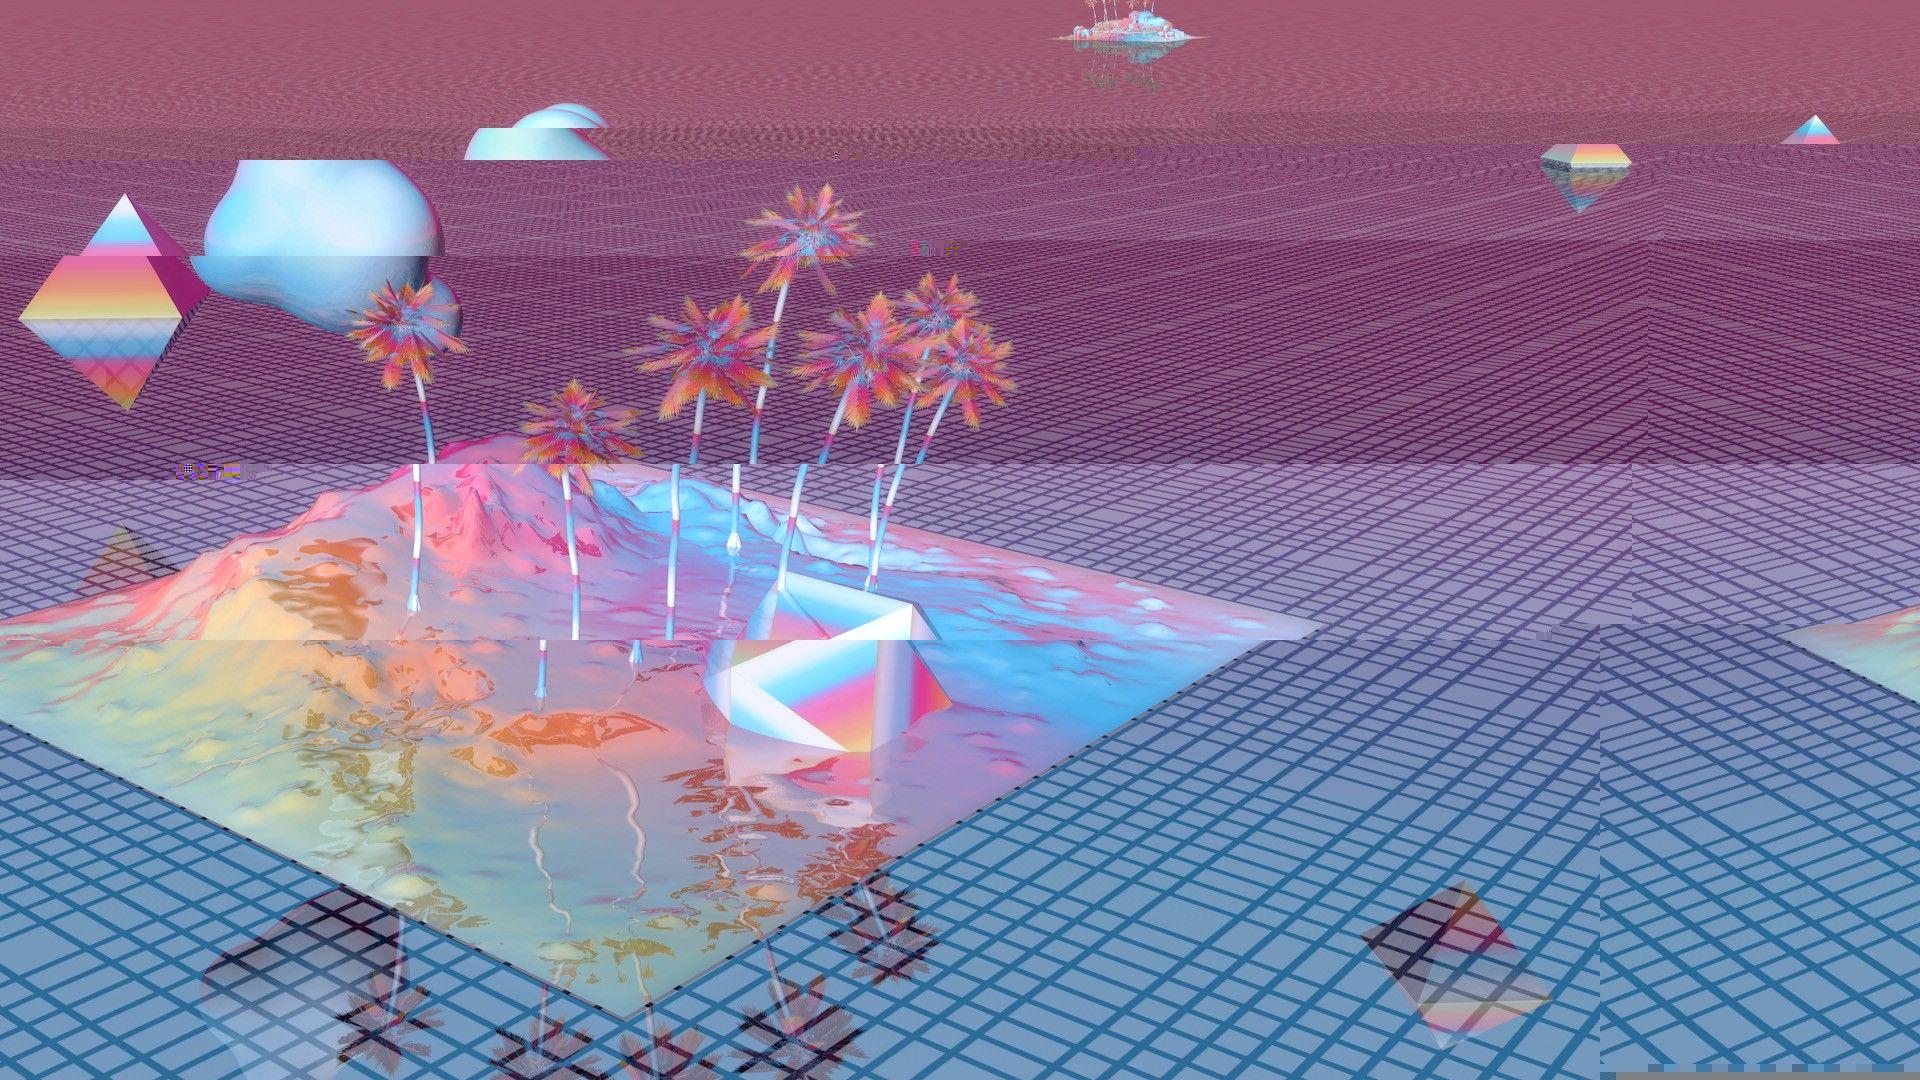 Vaporwave Desktop Wallpapers.